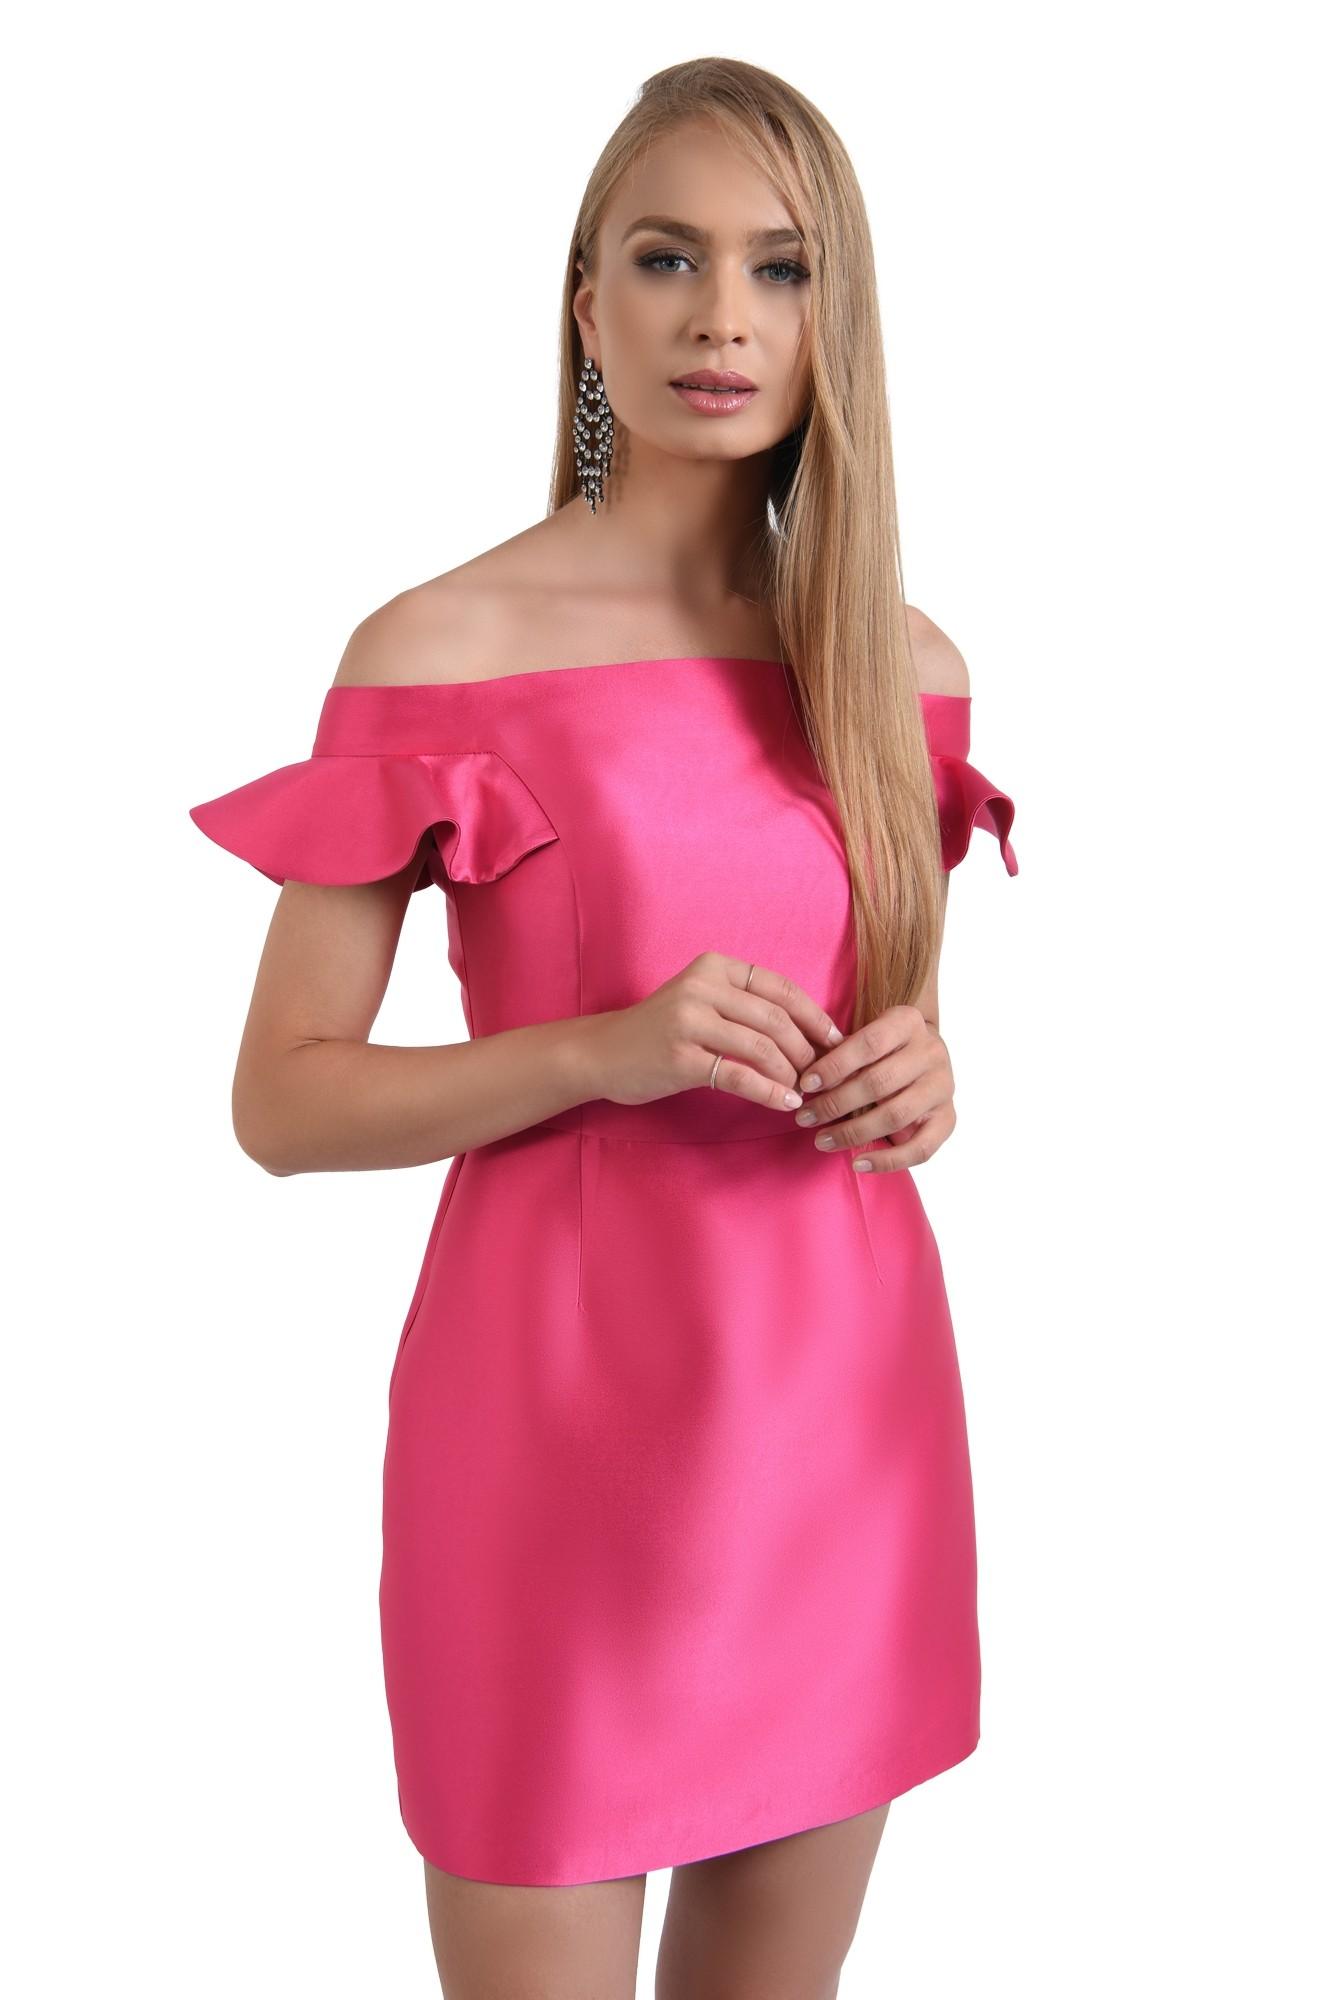 0 - rochie de seara, scurta, din tafta, roz, decoltata, cu umerii goi